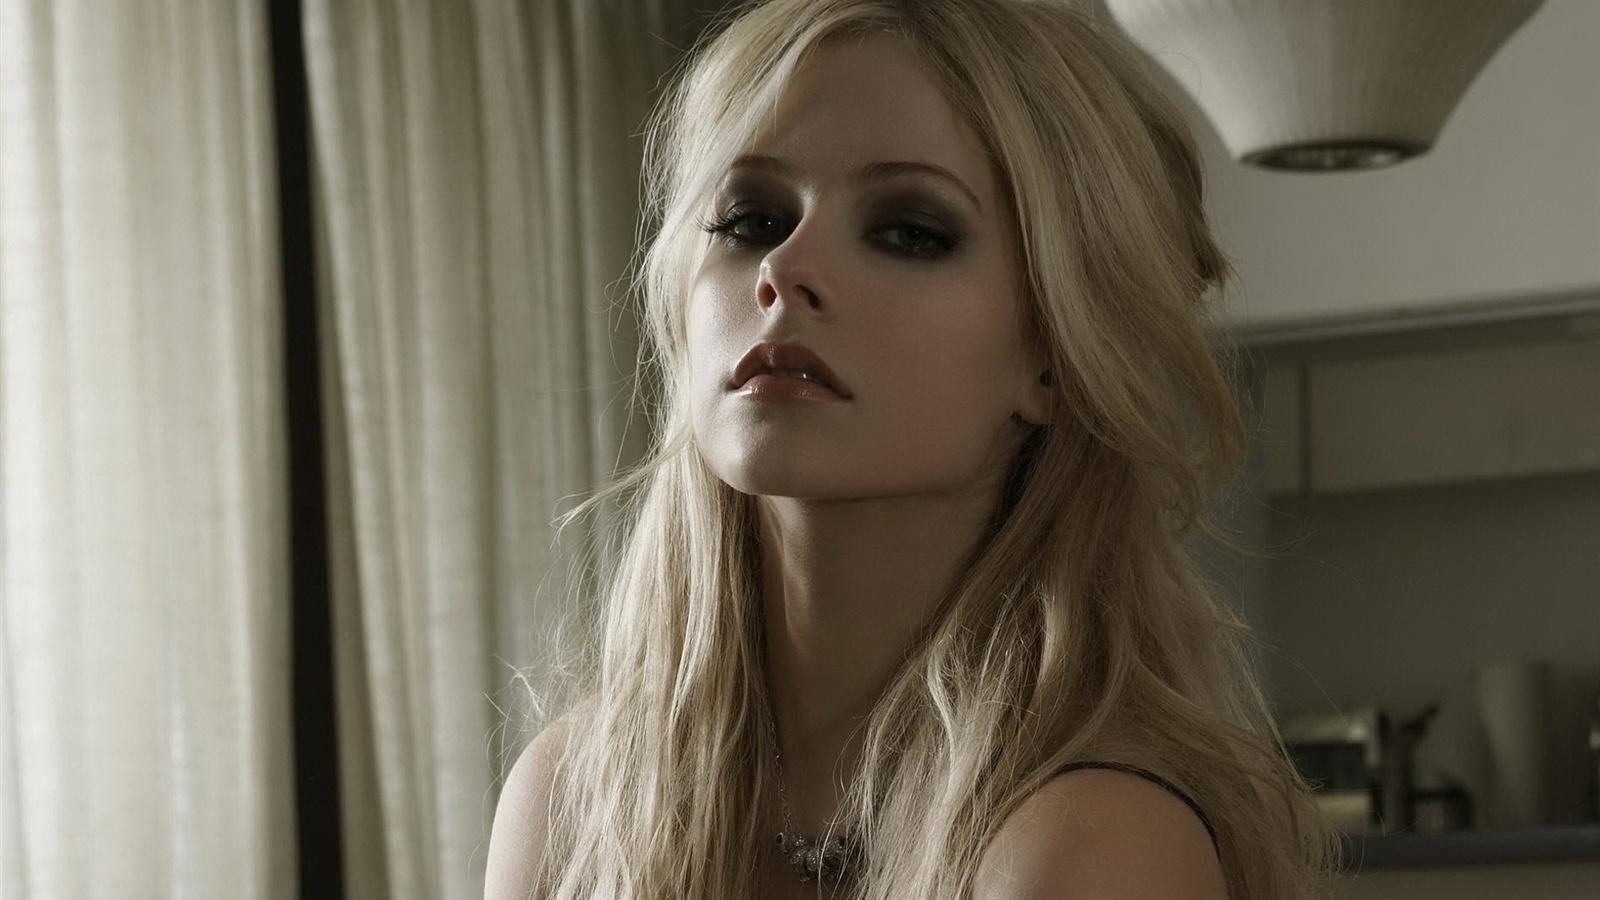 Avril-Lavigne-34_1600x900.jpg